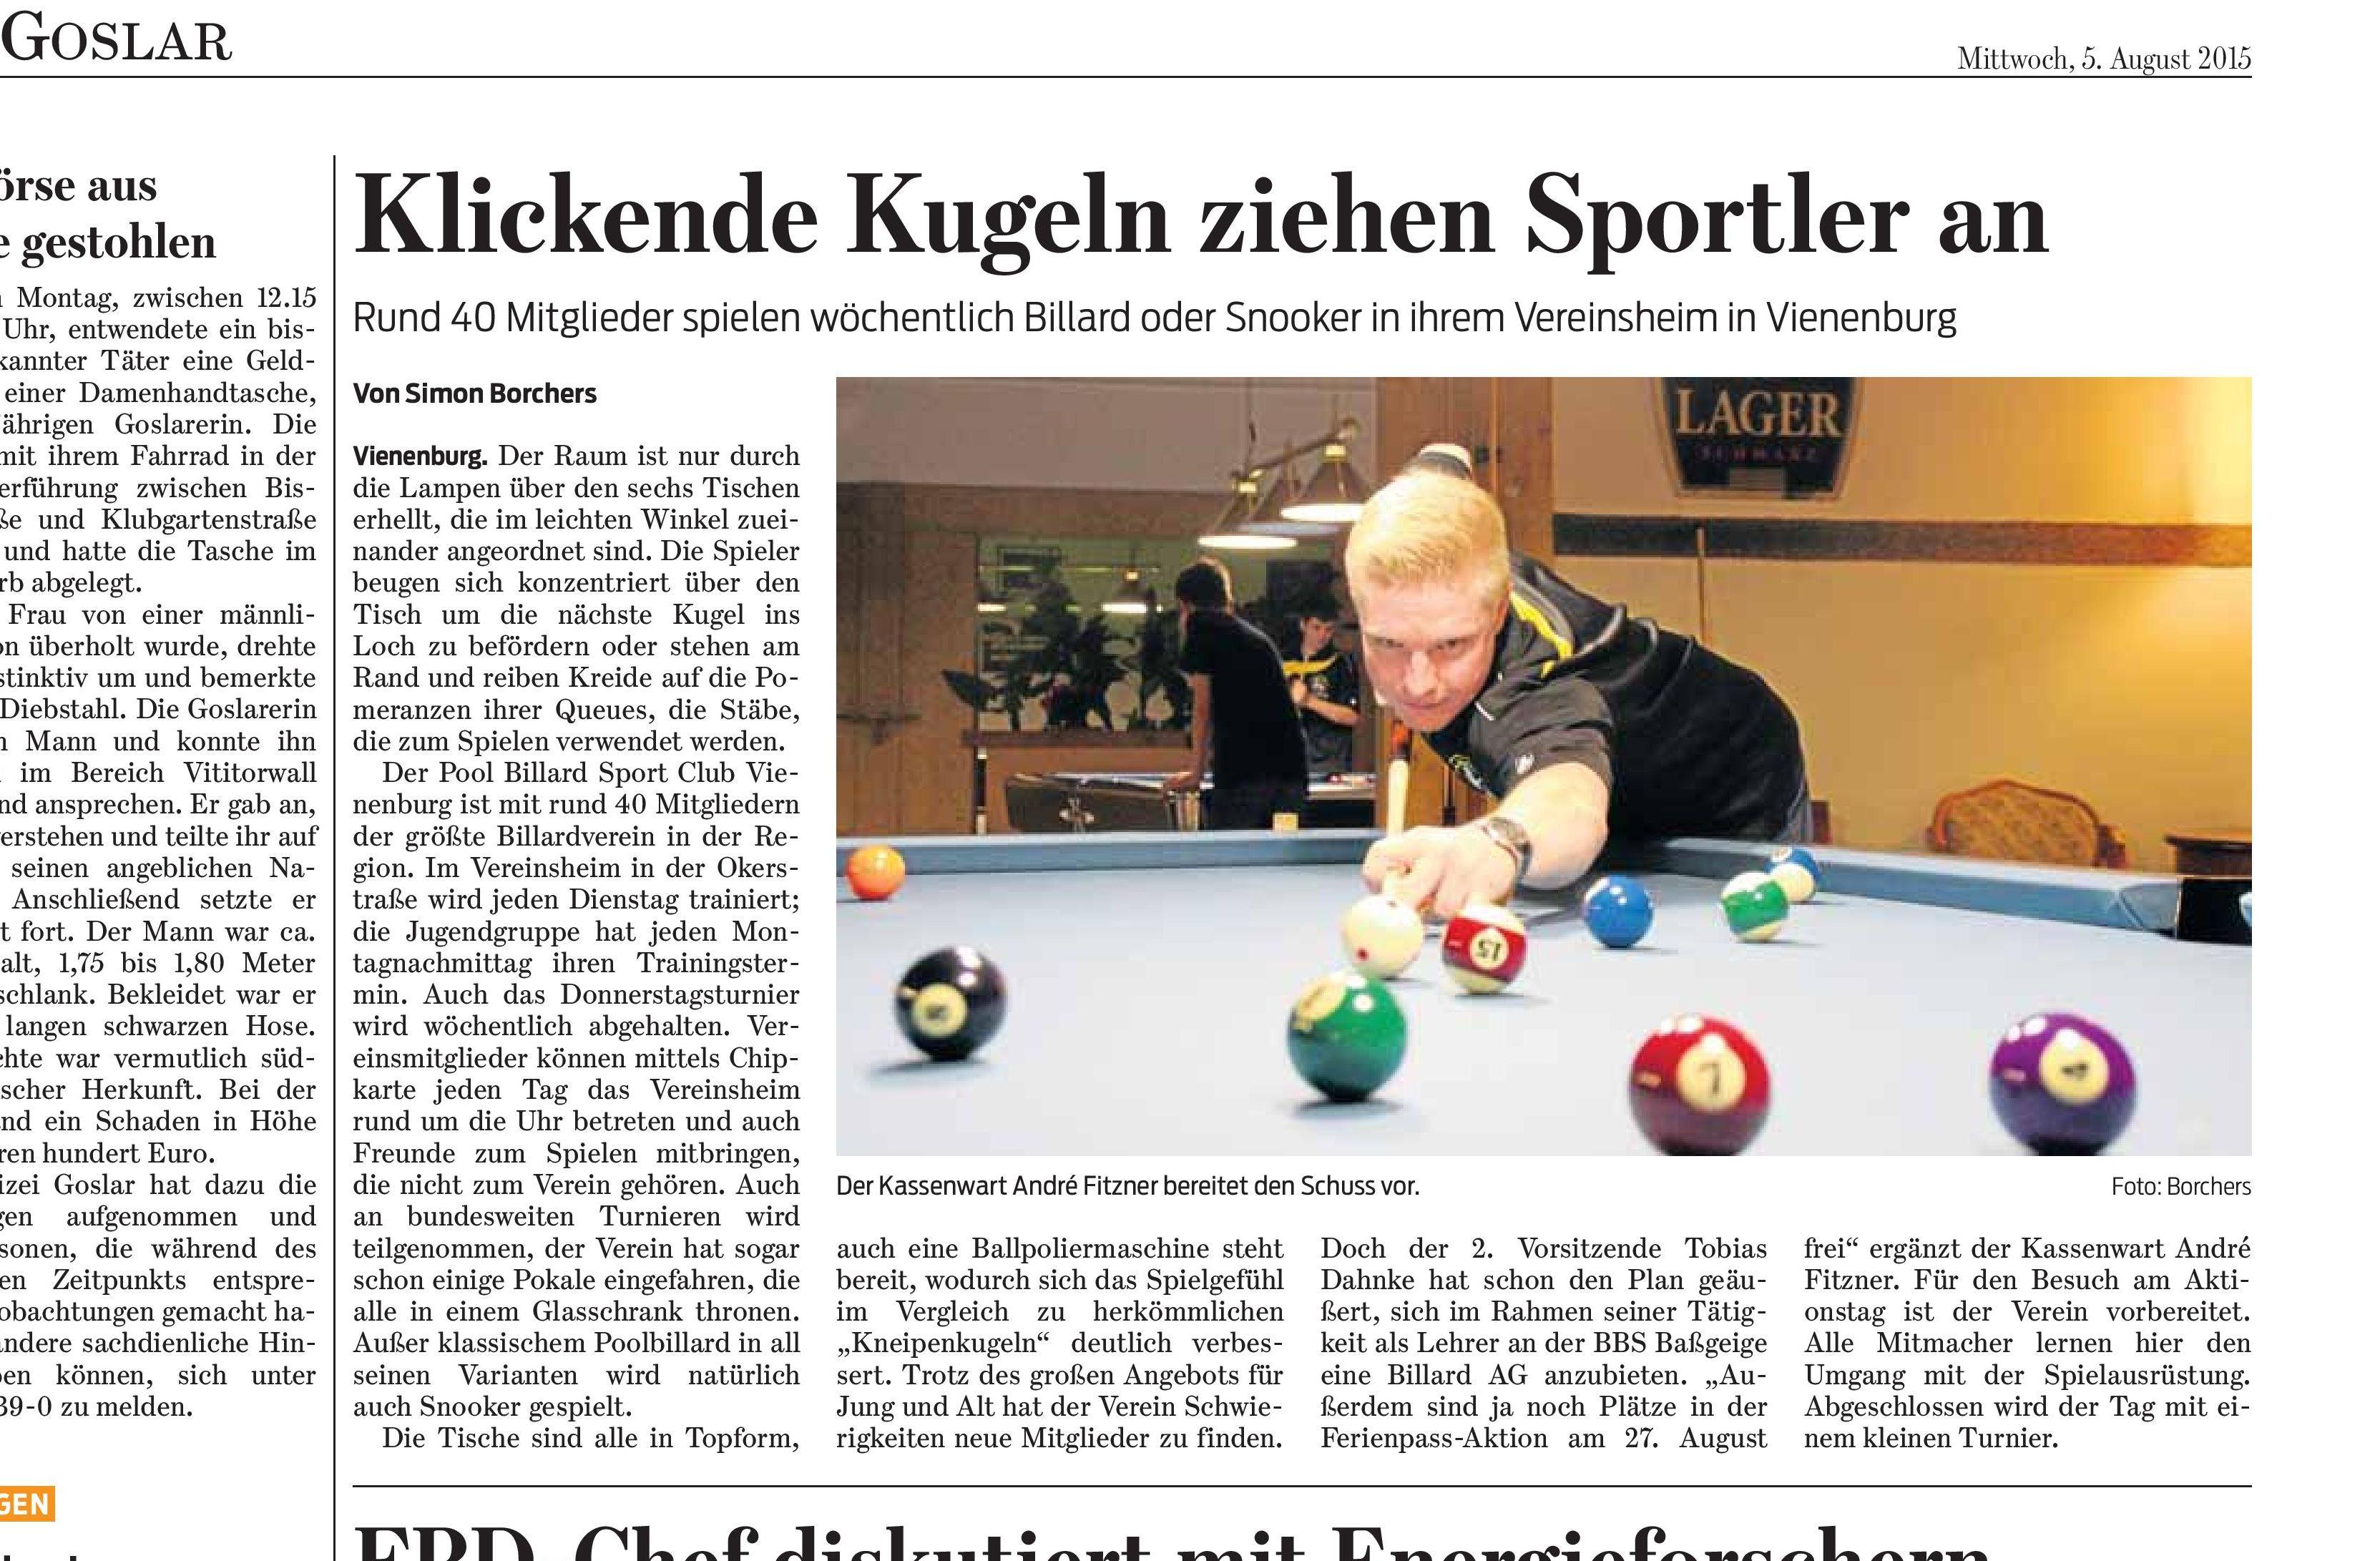 Artikel in der Goslarschen Zeitung vom 05.08.2015